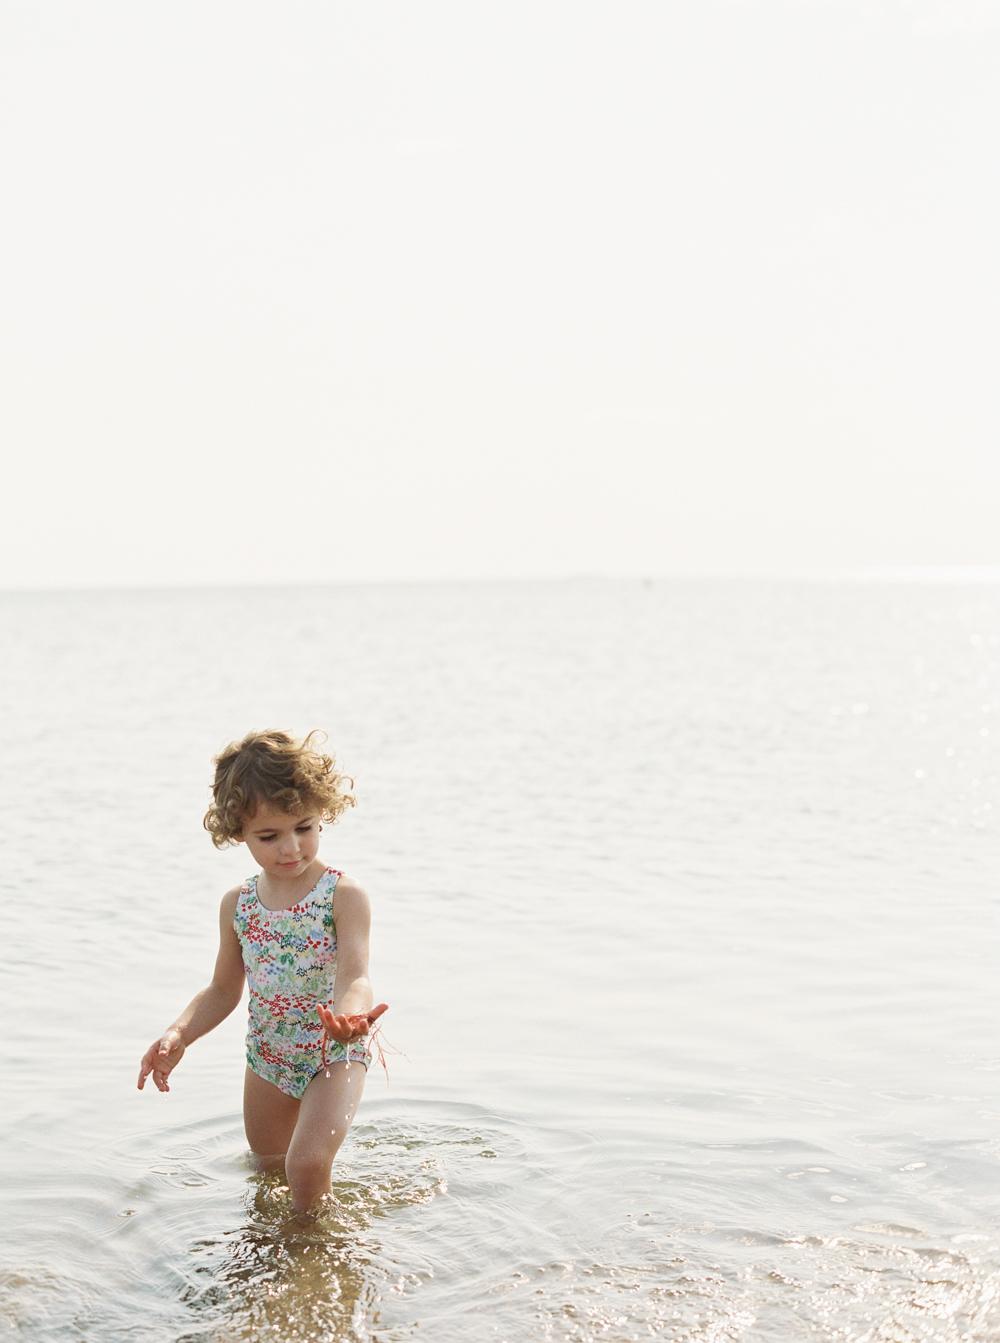 cristina-lozito-photography-families-43-1.jpg